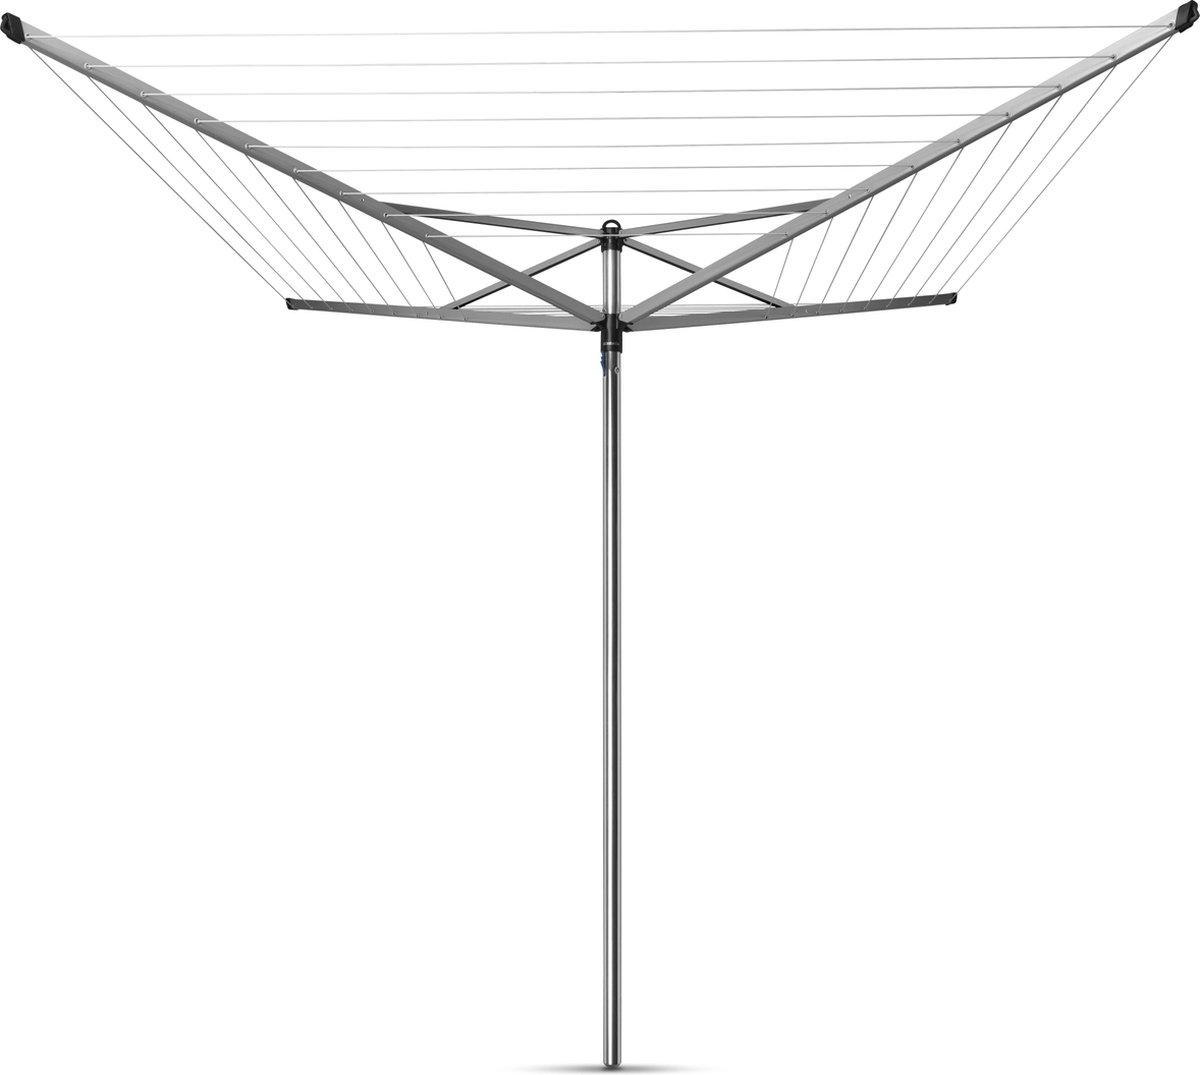 Brabantia Topspinner Droogmolen met Grondanker en Beschermhoes - 50 m - Metallic Grey